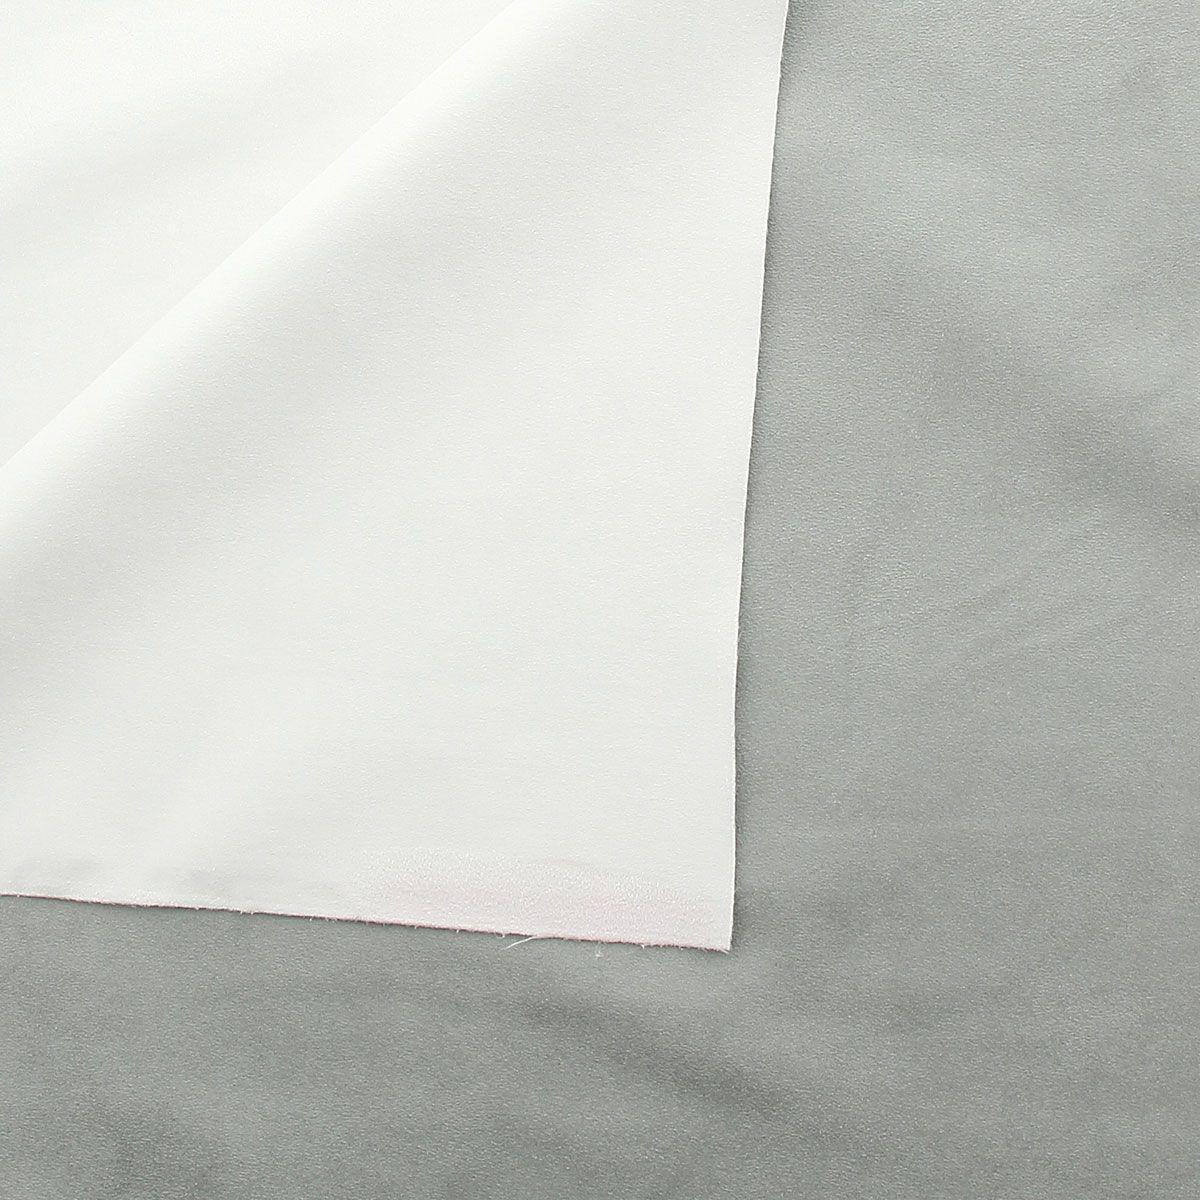 Tissu occultant suédine multicolore - Blanc/Gris